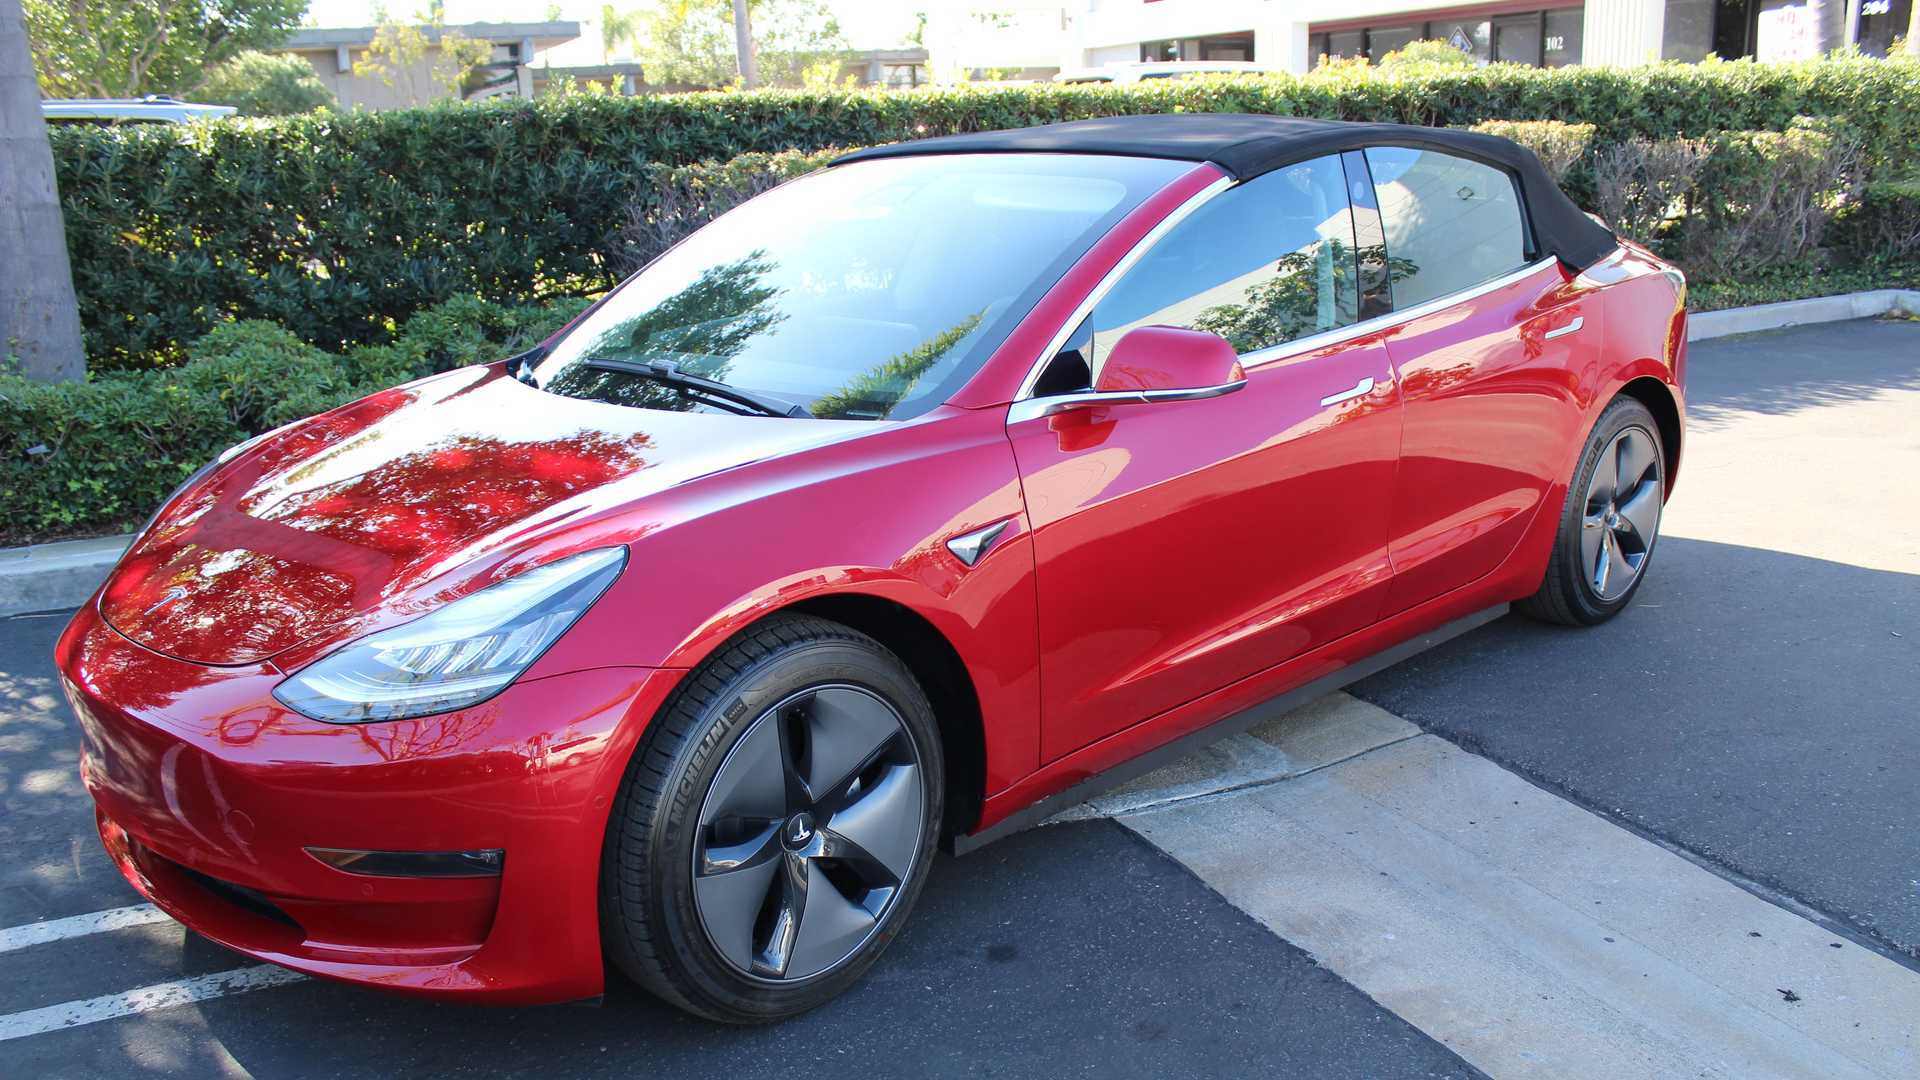 Американские тюнеры из ателье Newport Convertible Engineering представили кабриолет на основе Tesla Model 3. Удивляет не только объём работы, но и цена: за модернизацию попросят практически столько же, сколько стоит сама машина.